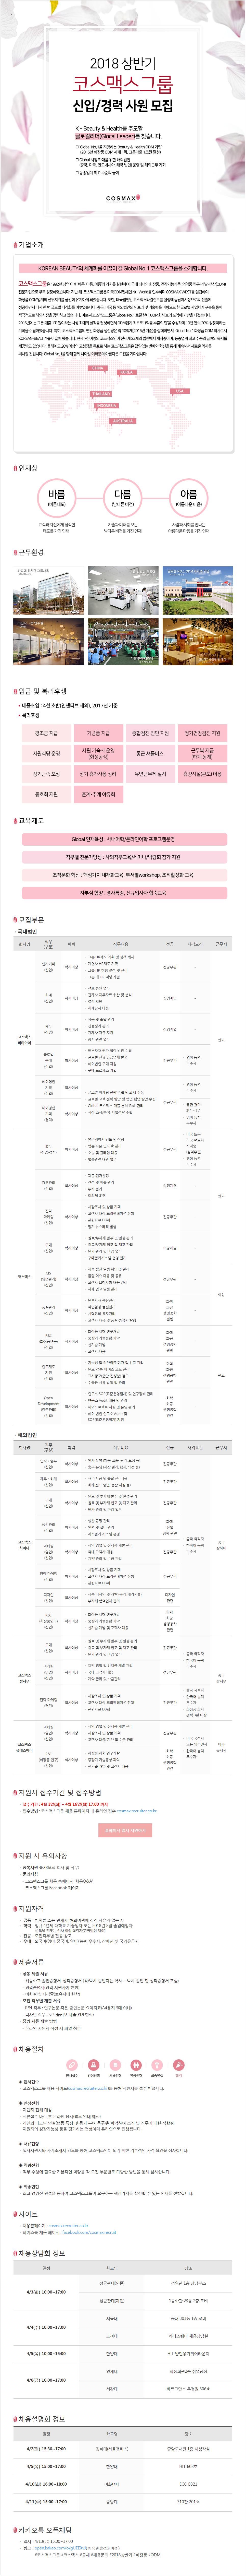 2018+상반기+공고(전체).png